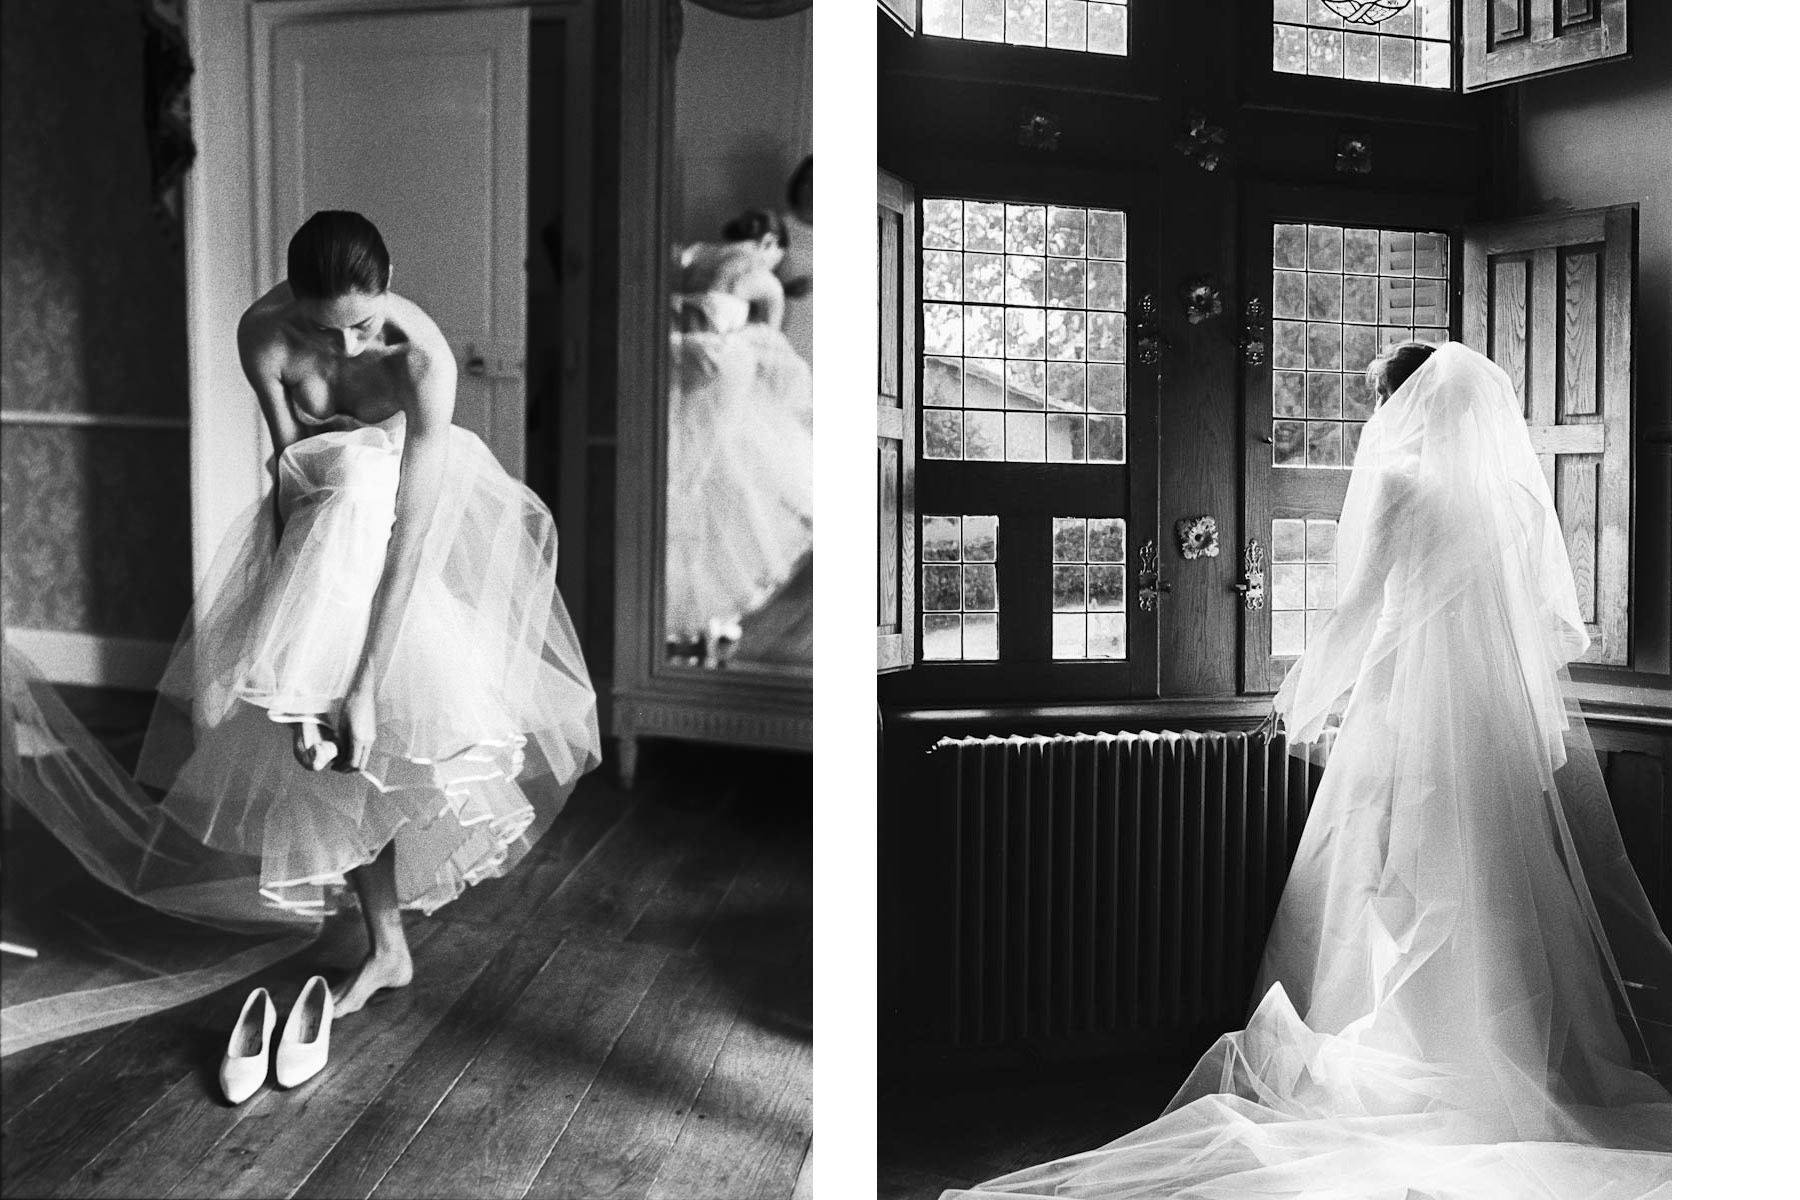 Elégance du mouvement avec Sofiacome, Curiosité des enfants d'honneur par Sofiacome, photographe de mariage